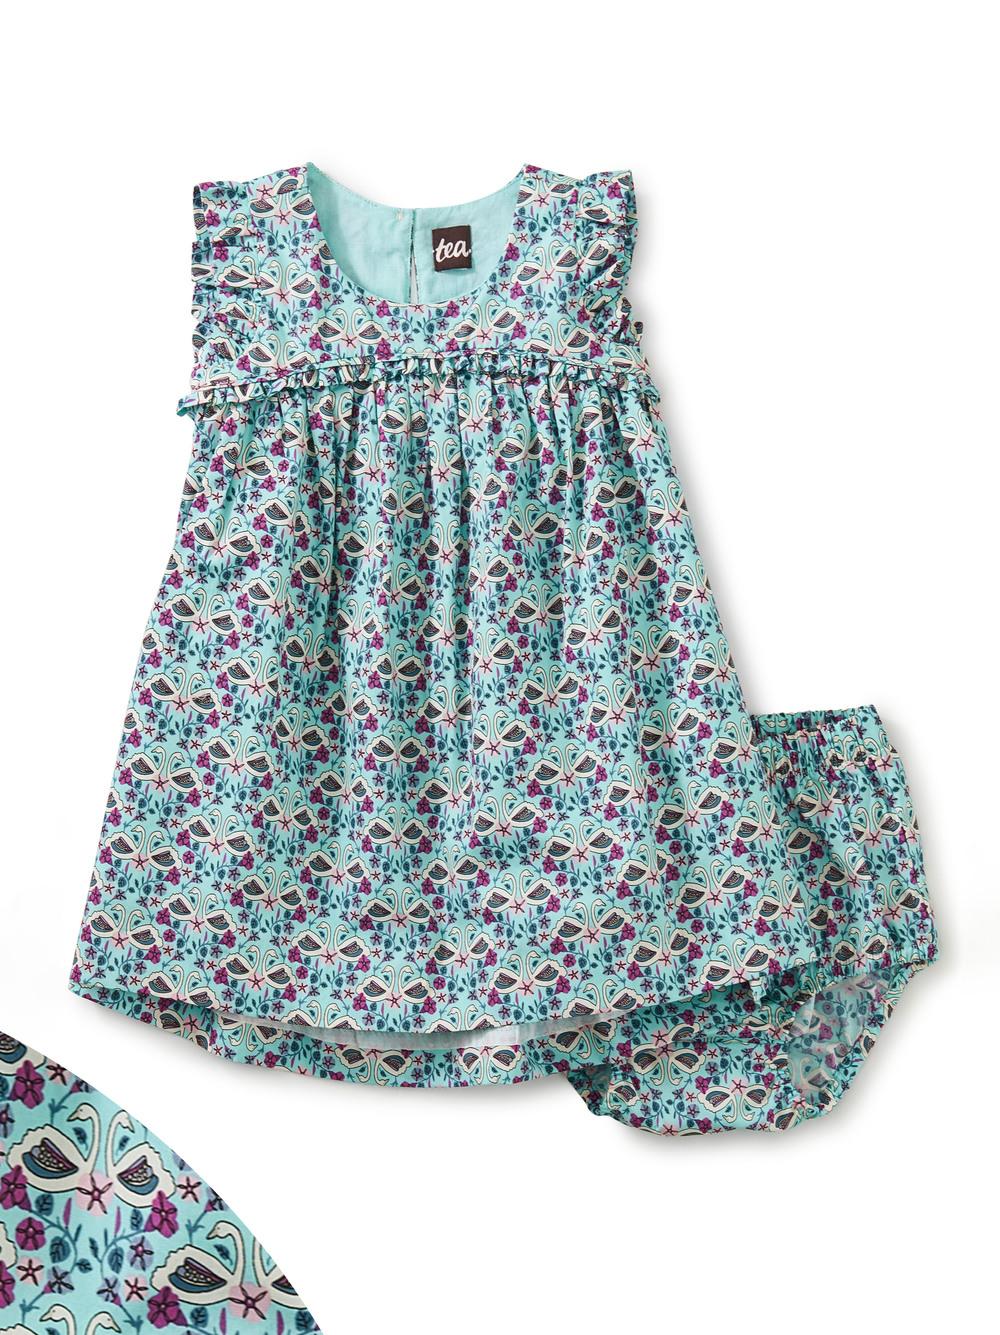 Empire Flutter Baby Dress Set